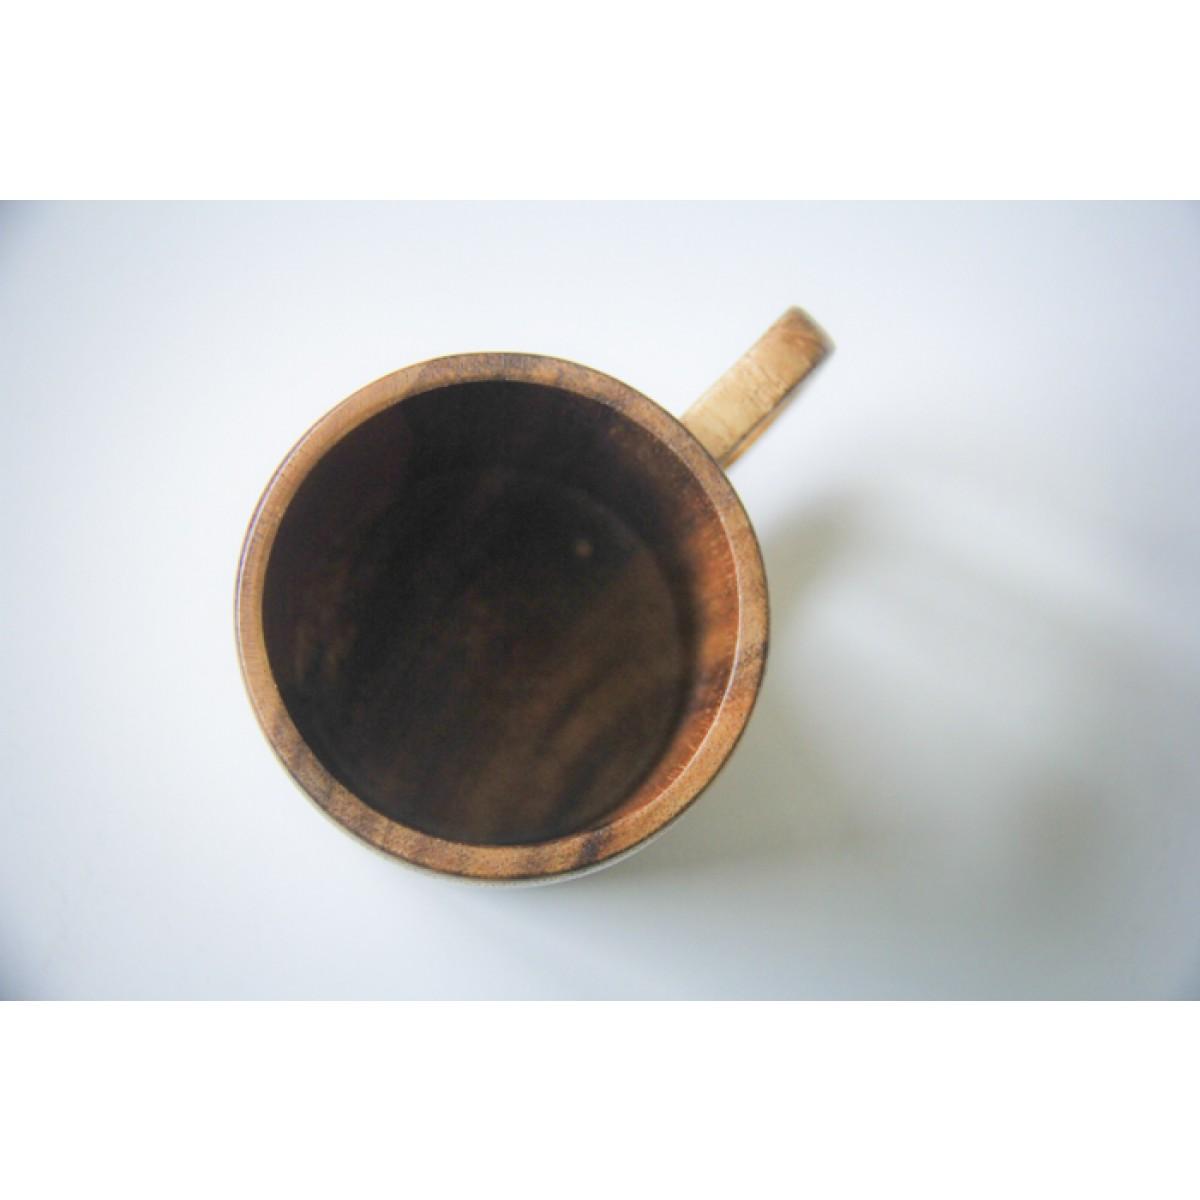 Kaffeetasse aus Akazie, handgefertigter Holz-Becher